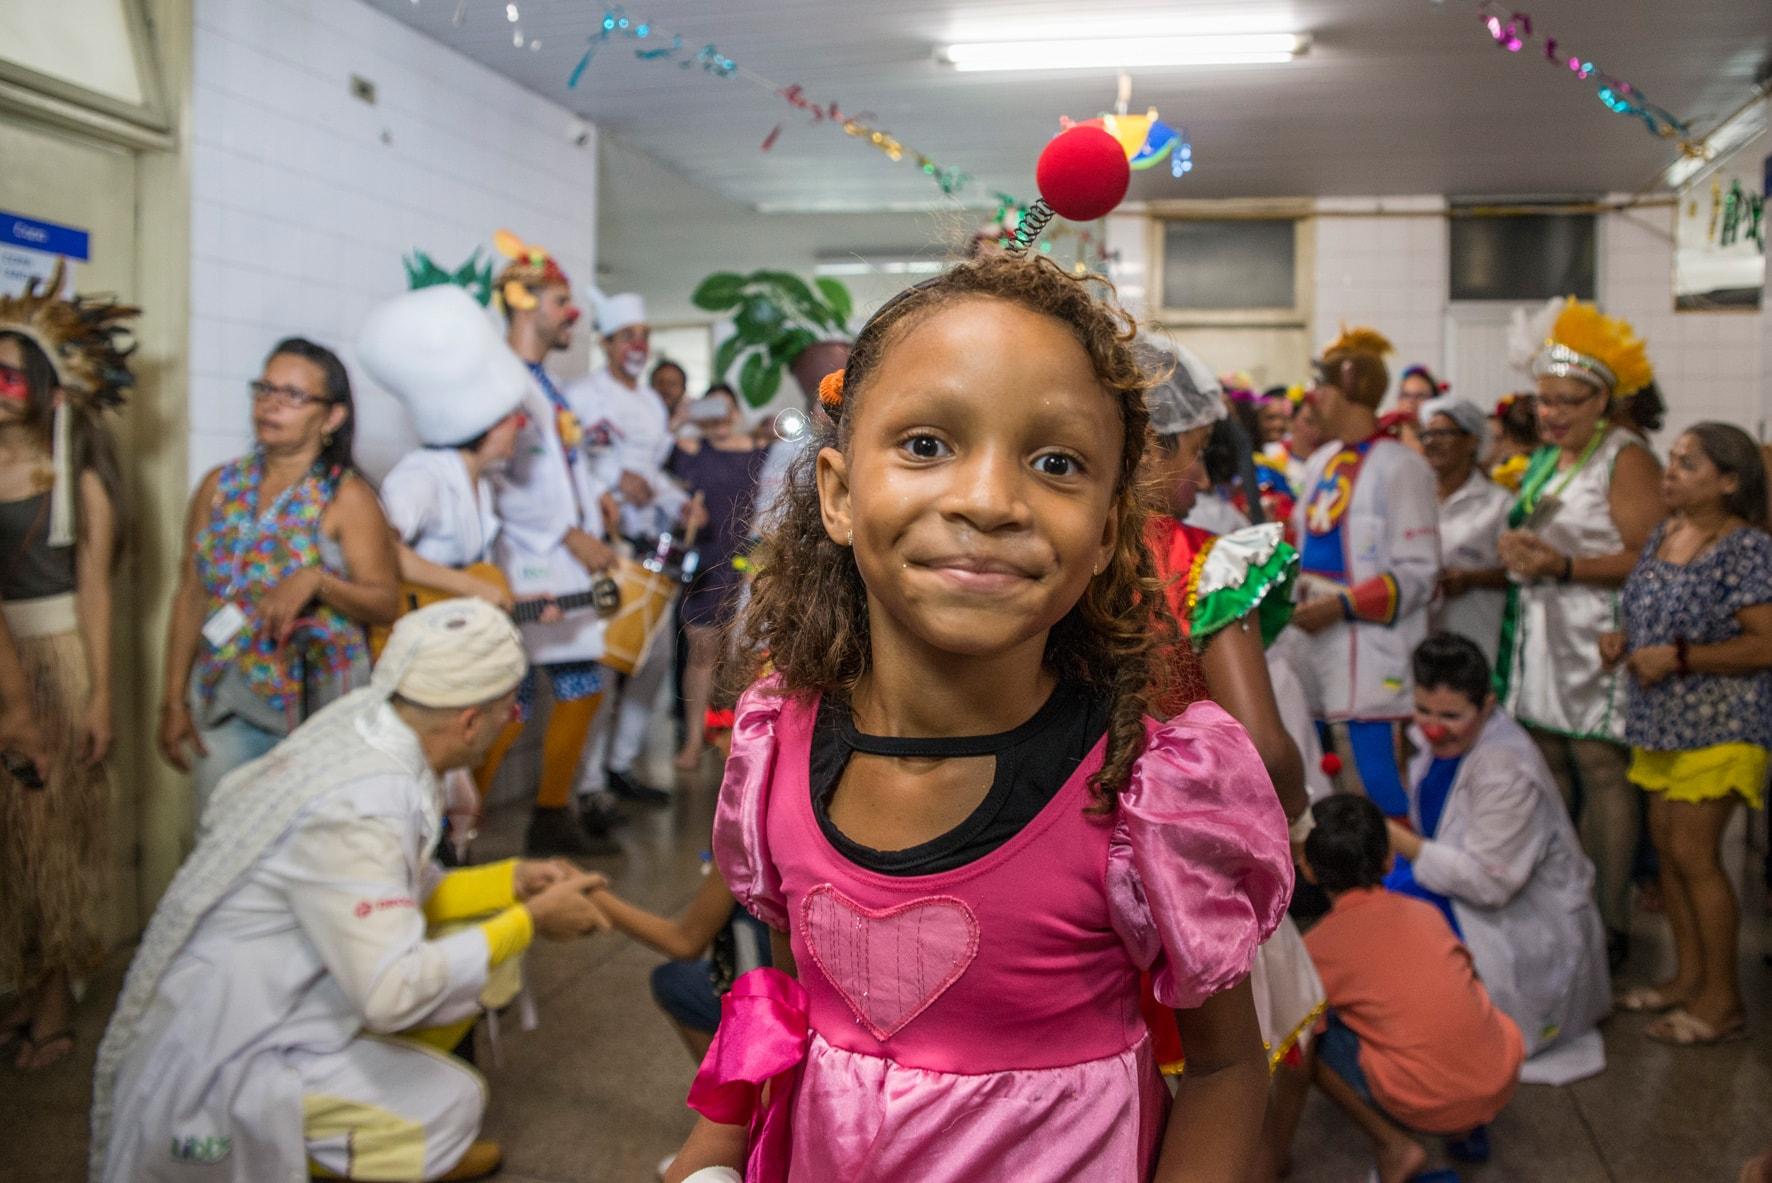 Doutores da Alegria celebra carnaval com três blocos em hospitais públicos